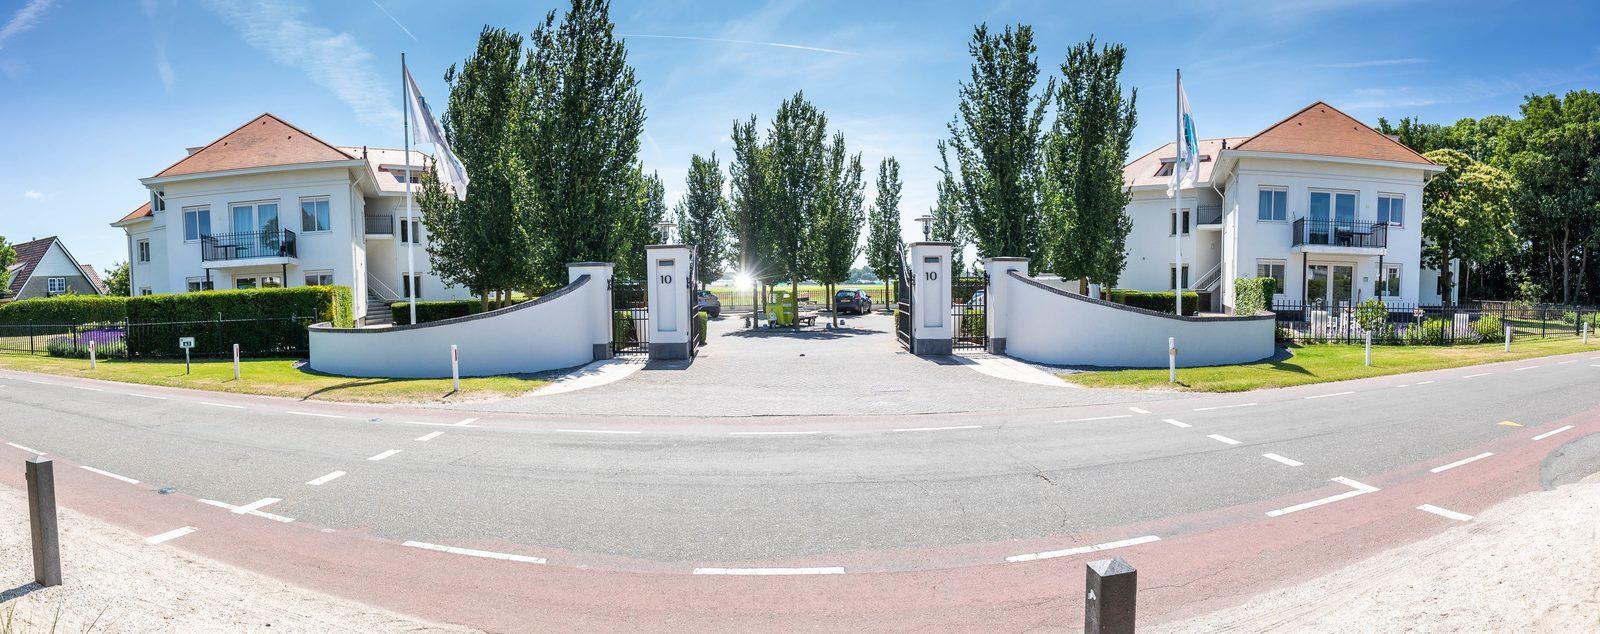 Appartements au village de vacances Noordwijkse Duinen